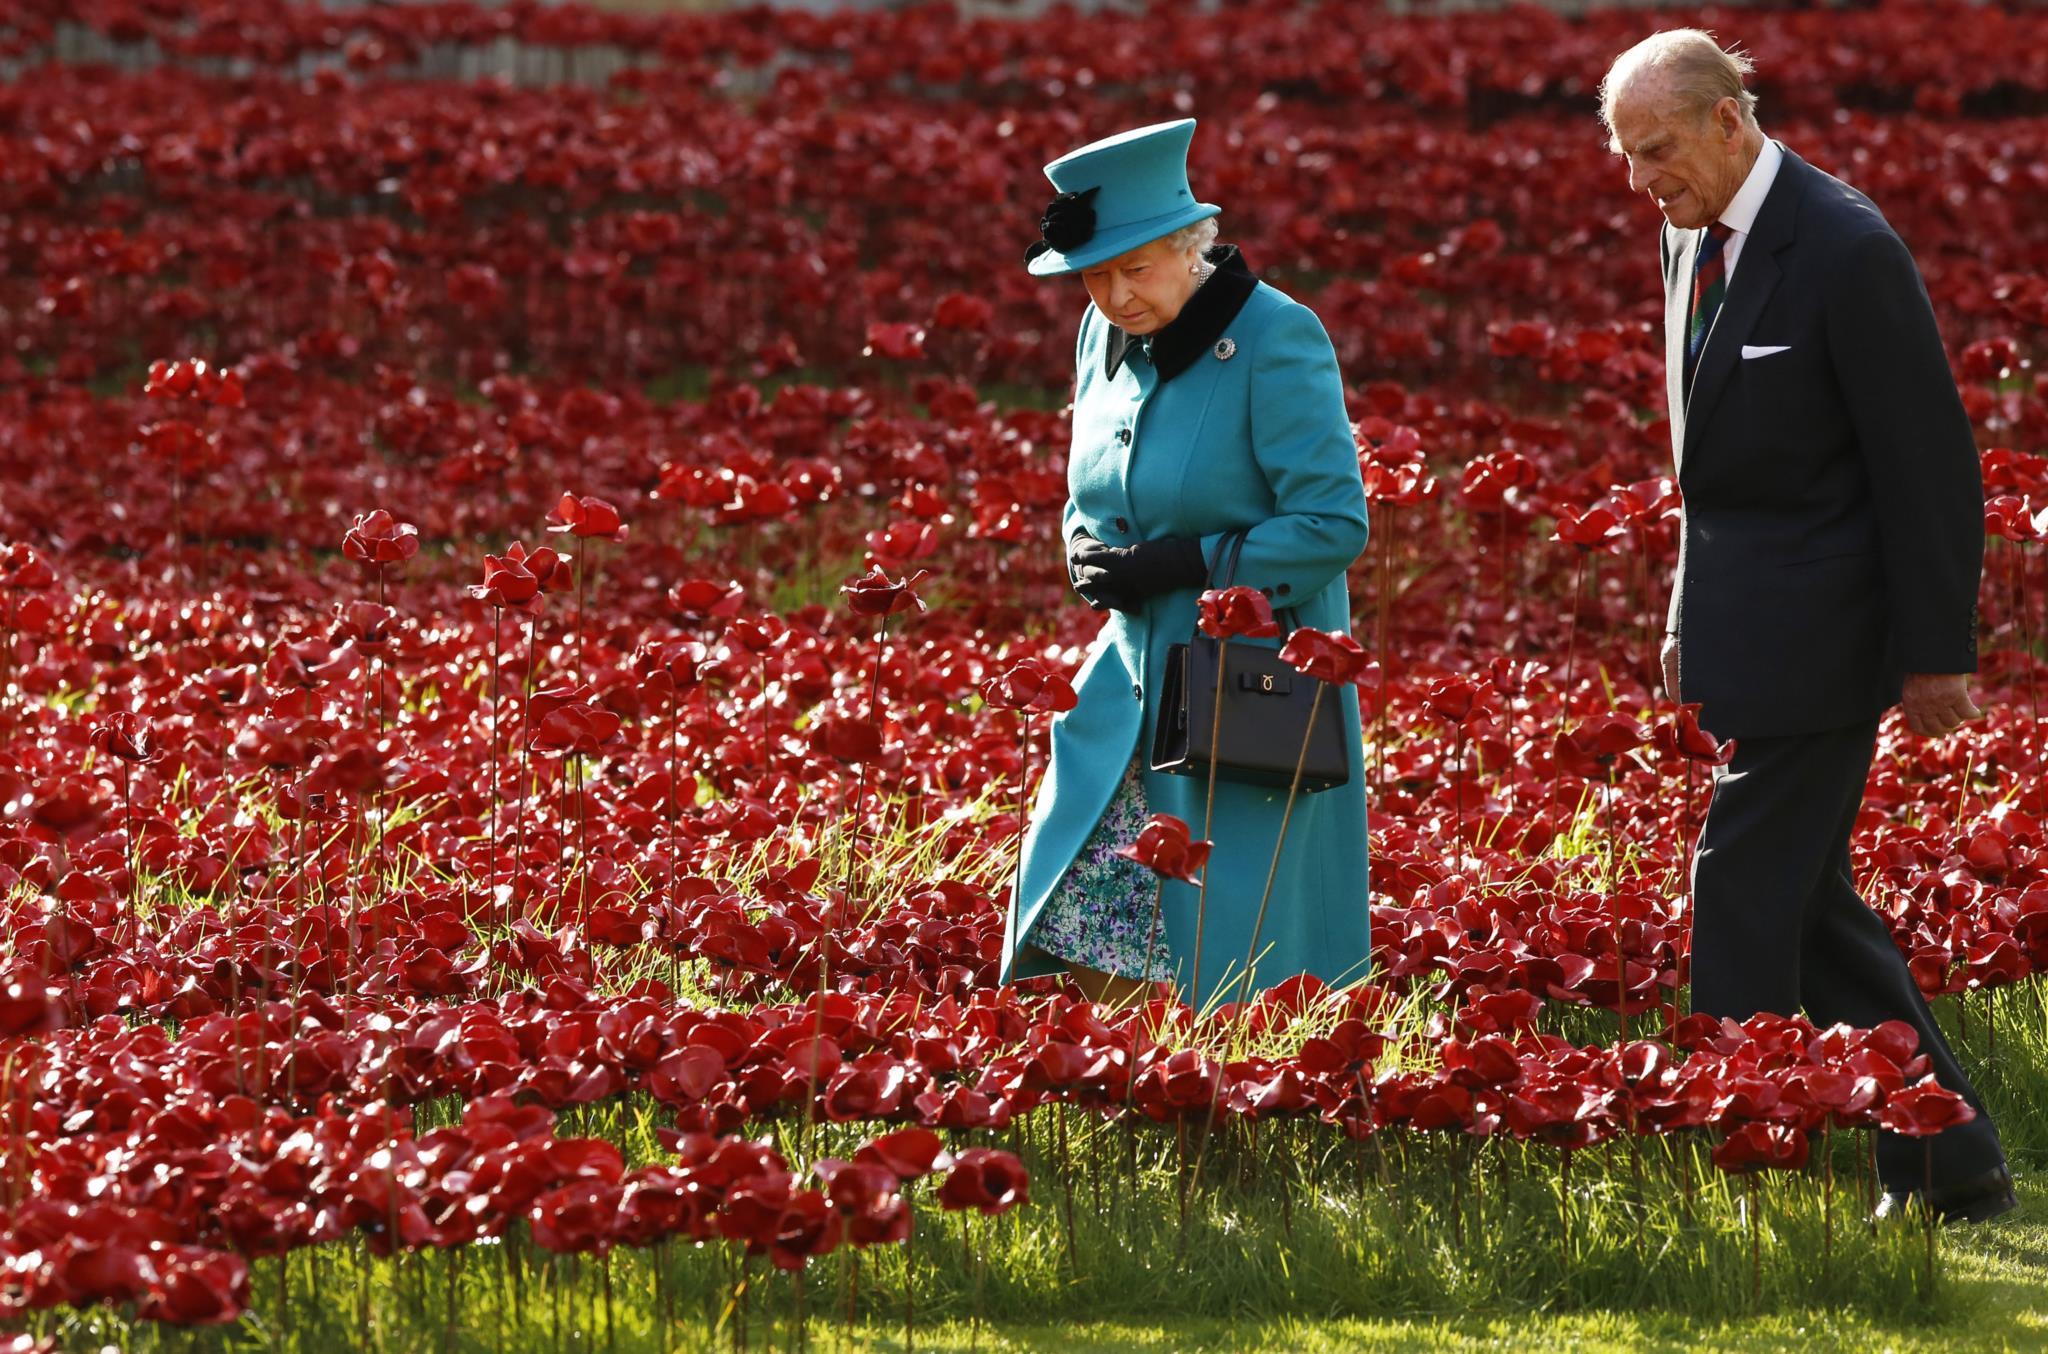 Durante uma visita a uma instalação artística a propósito do centenário da I Guerra Mundial, na Torre de Londres, em 2014